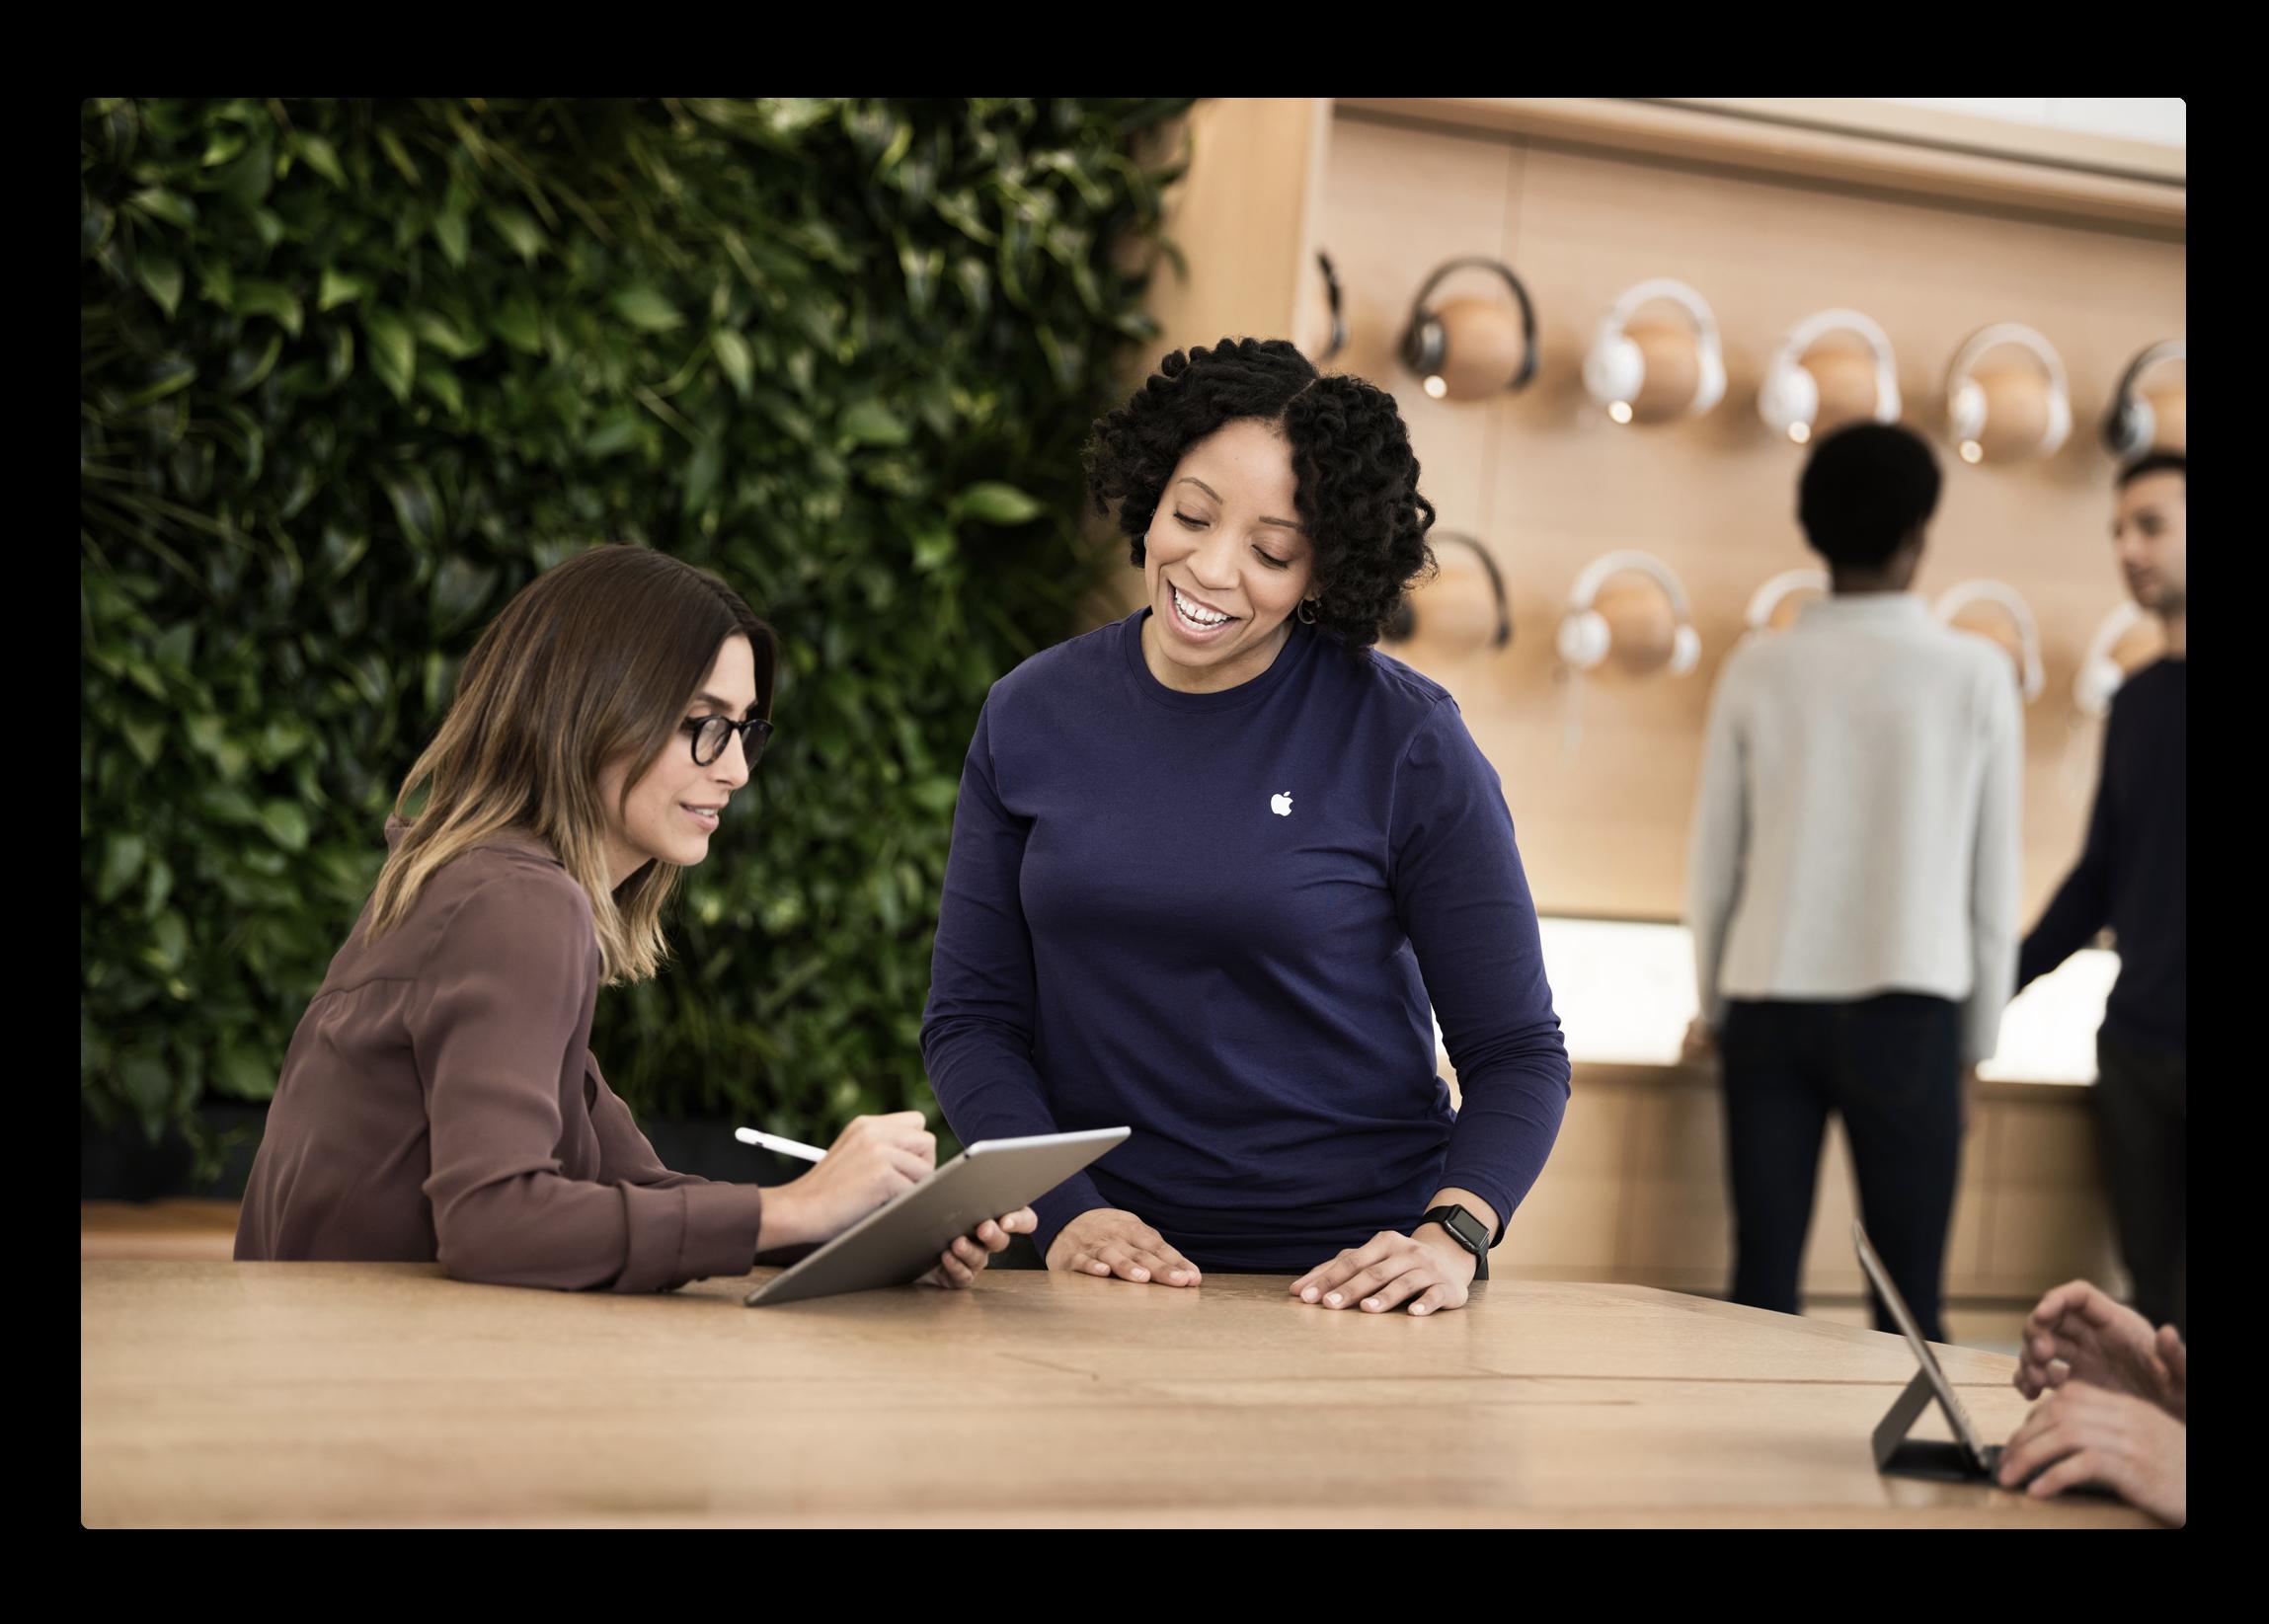 Apple、新しいWalletパスでビジネス購入プロセスを簡素化